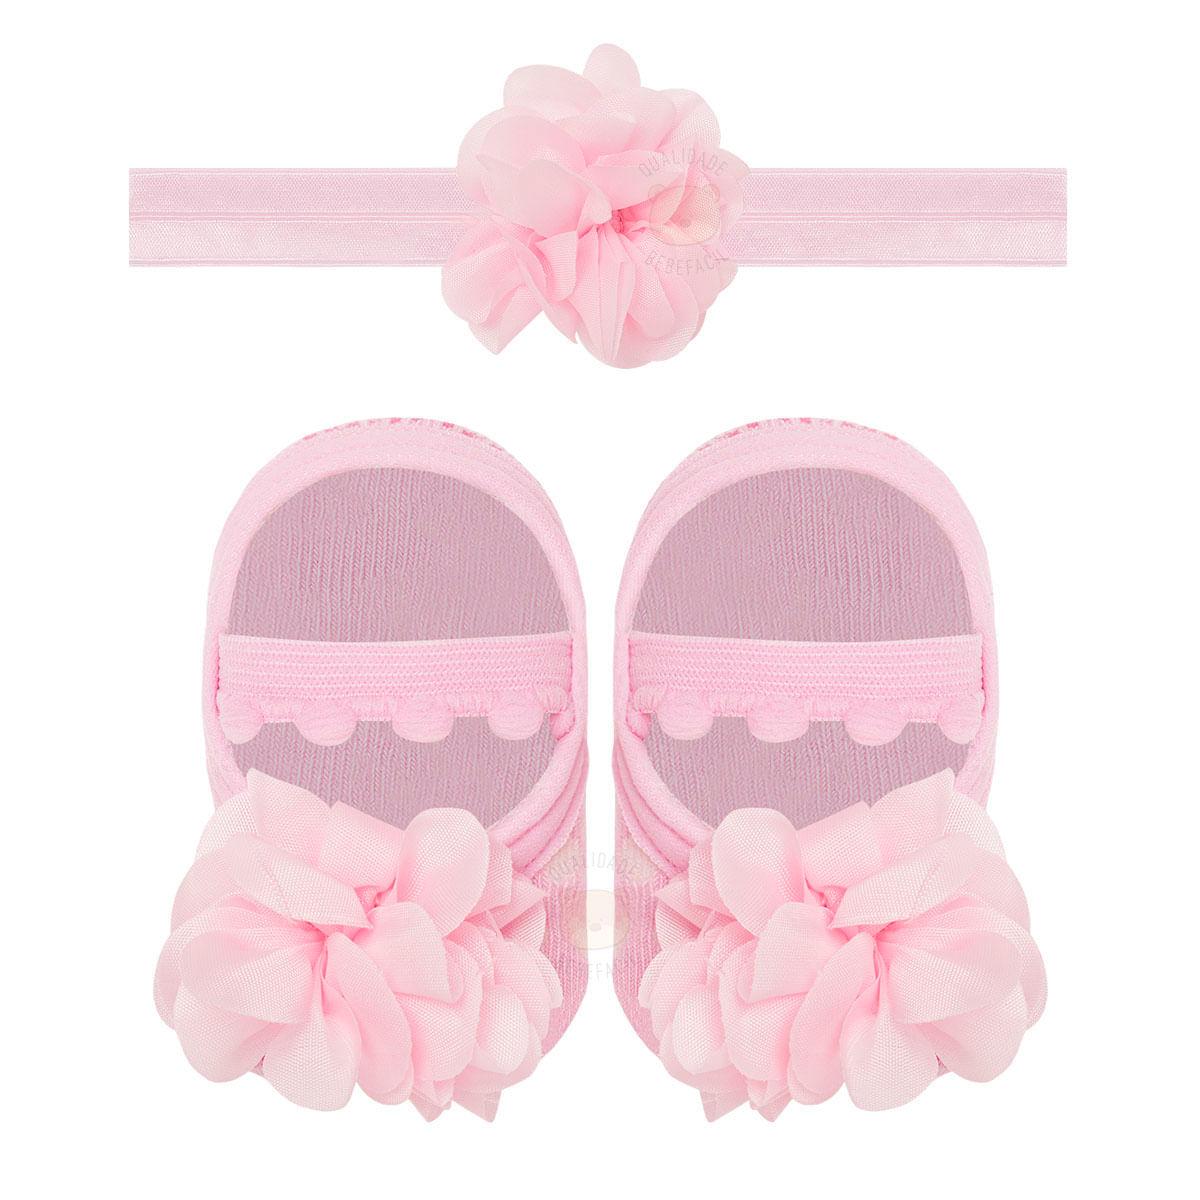 a4e582a837 Kit Faixa de cabelo e Meia Sapatilha para bebê Flor   Pom Pom Rosa - Puket